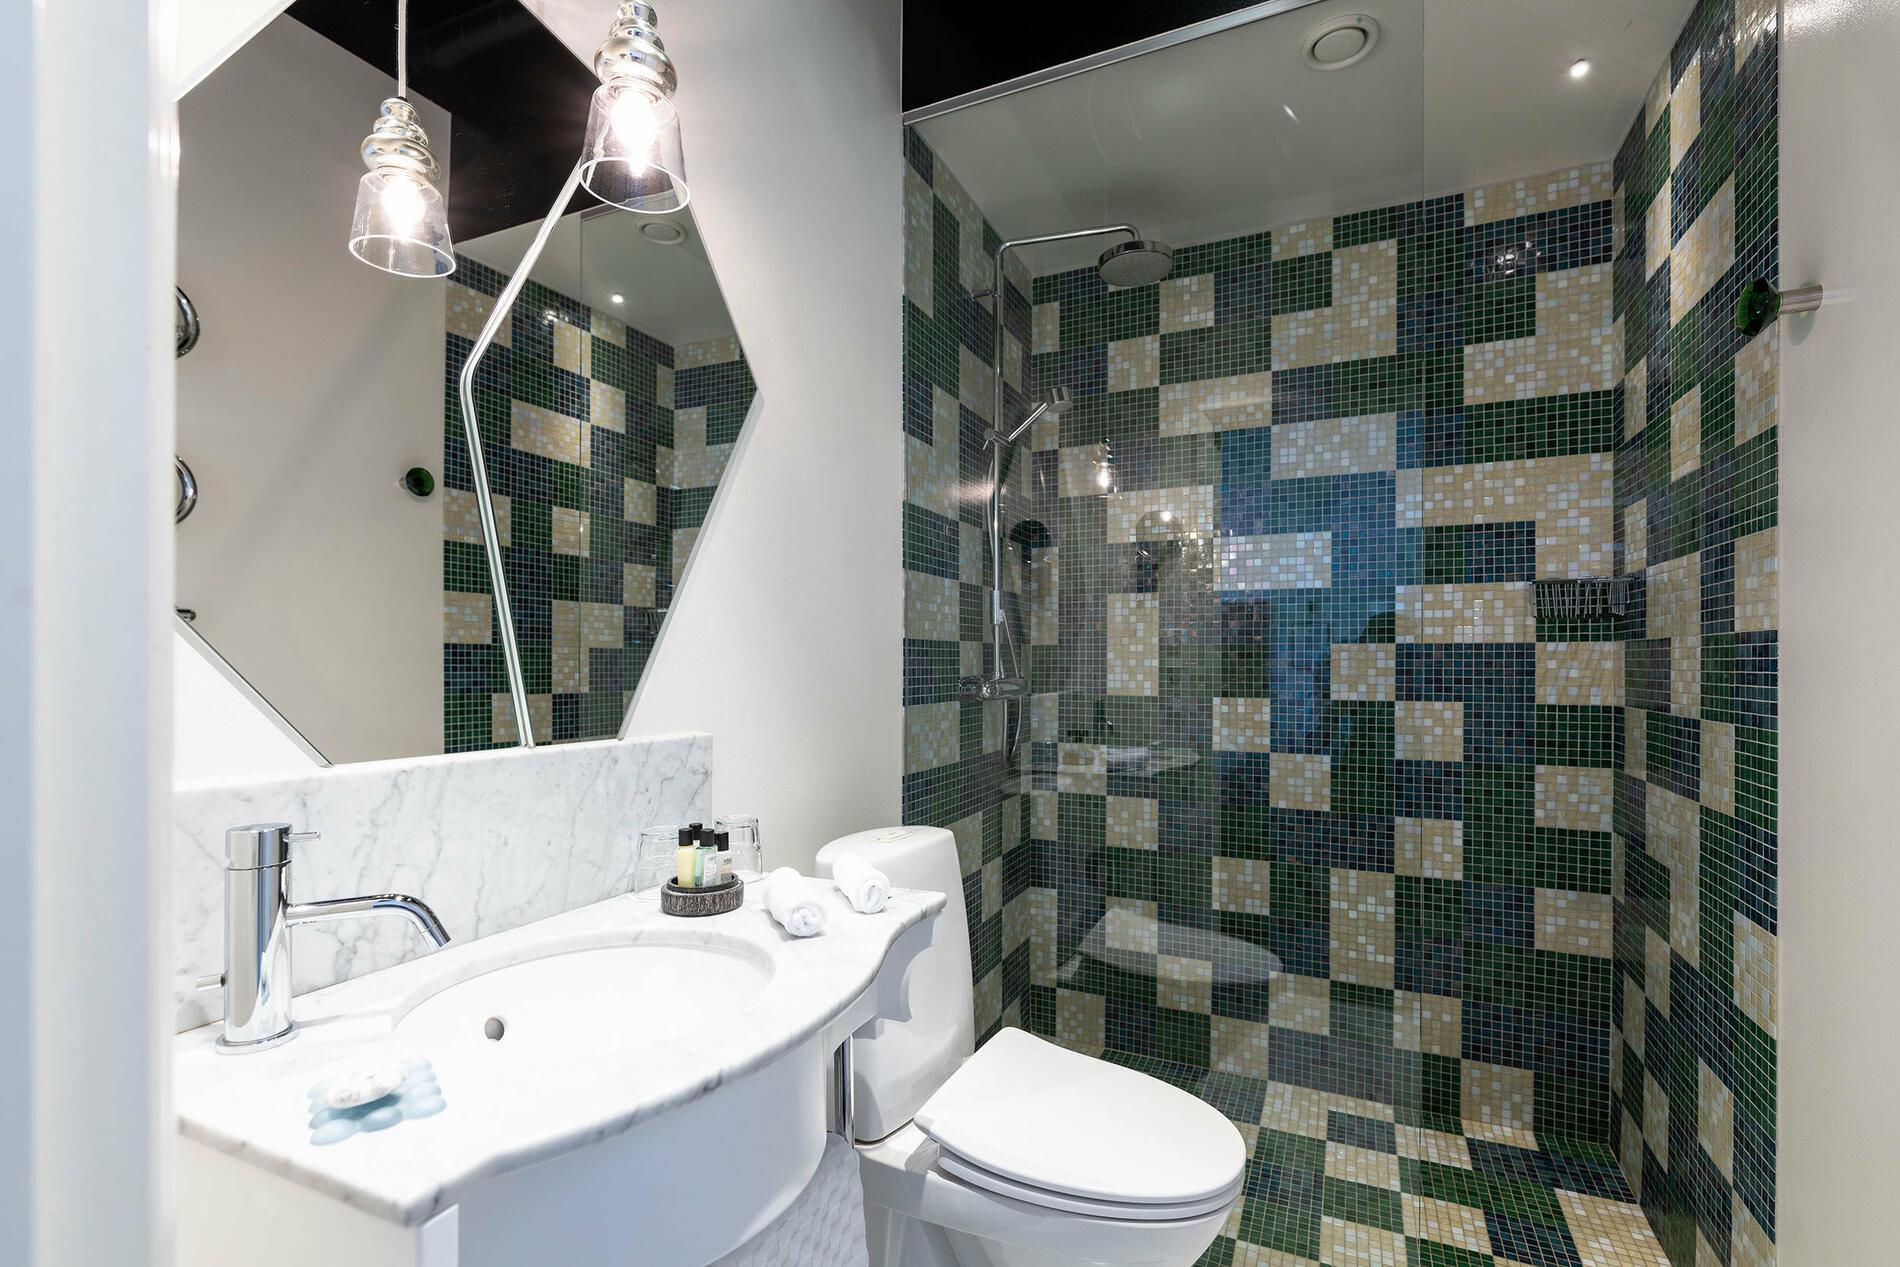 Bathroom at Hotel Flora in Gothenburg, Sweden